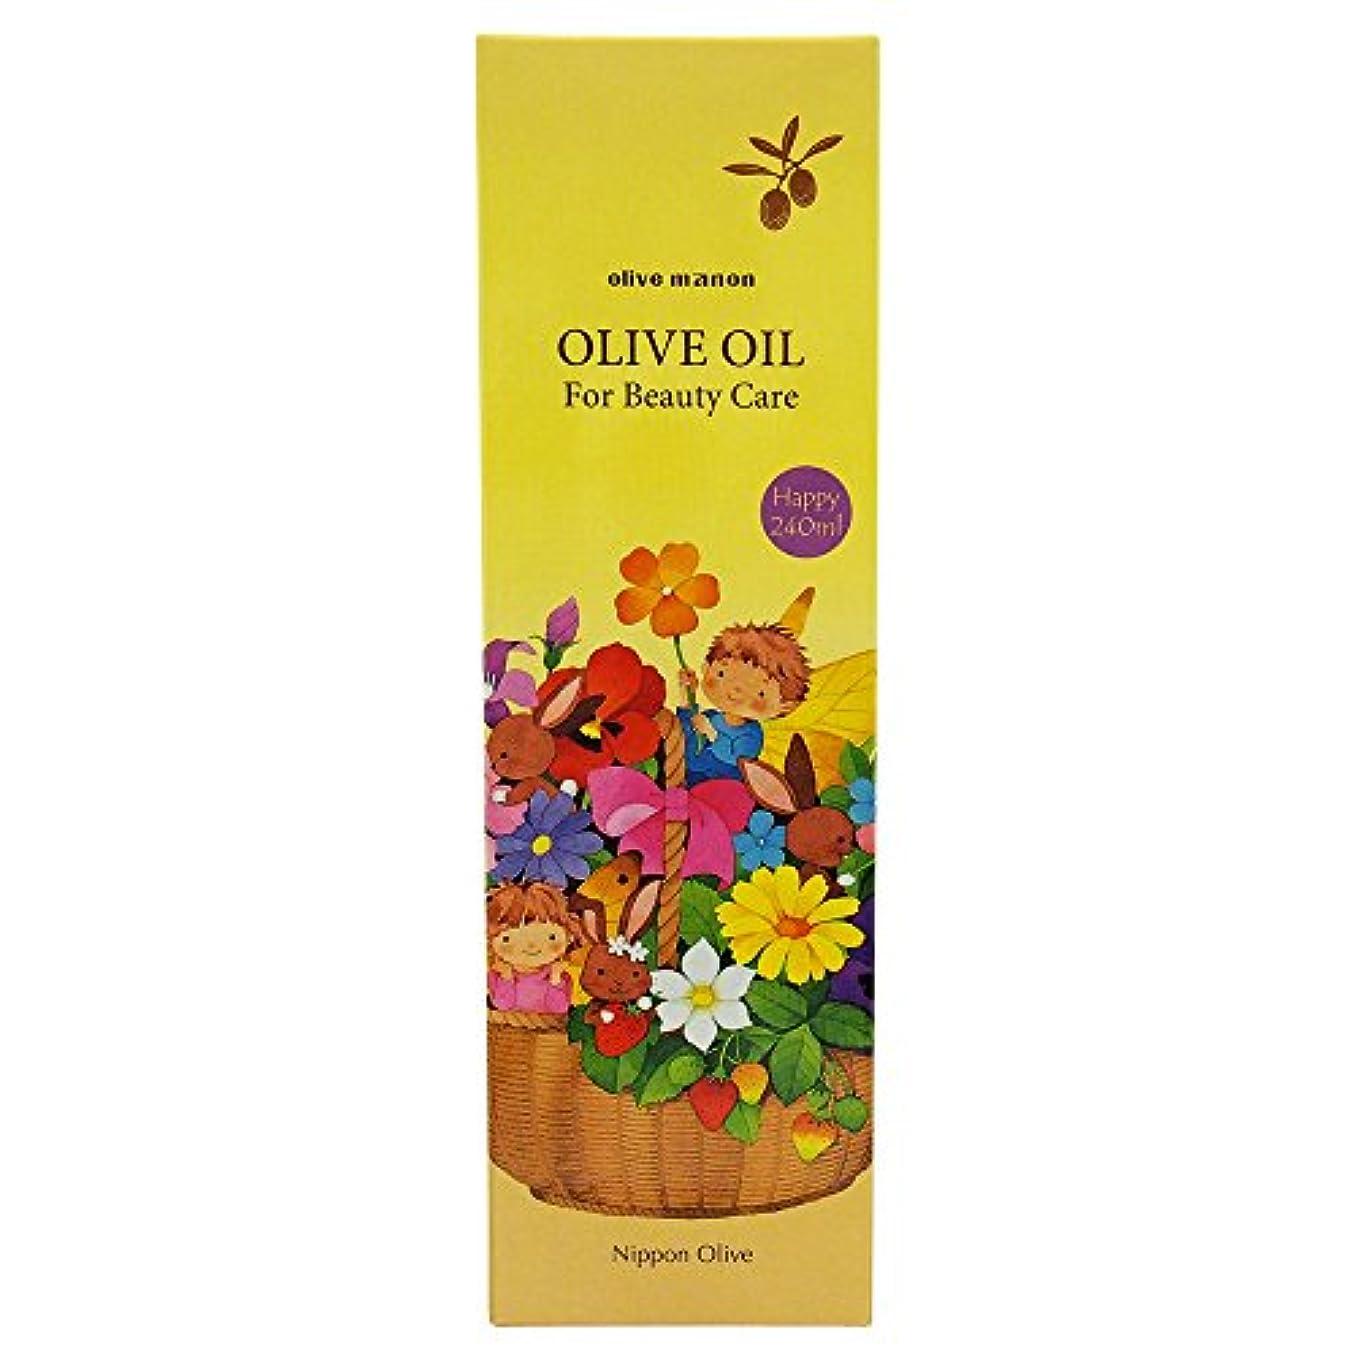 不定なくなるたるみオリーブマノン 化粧用オリーブオイル (240ml)